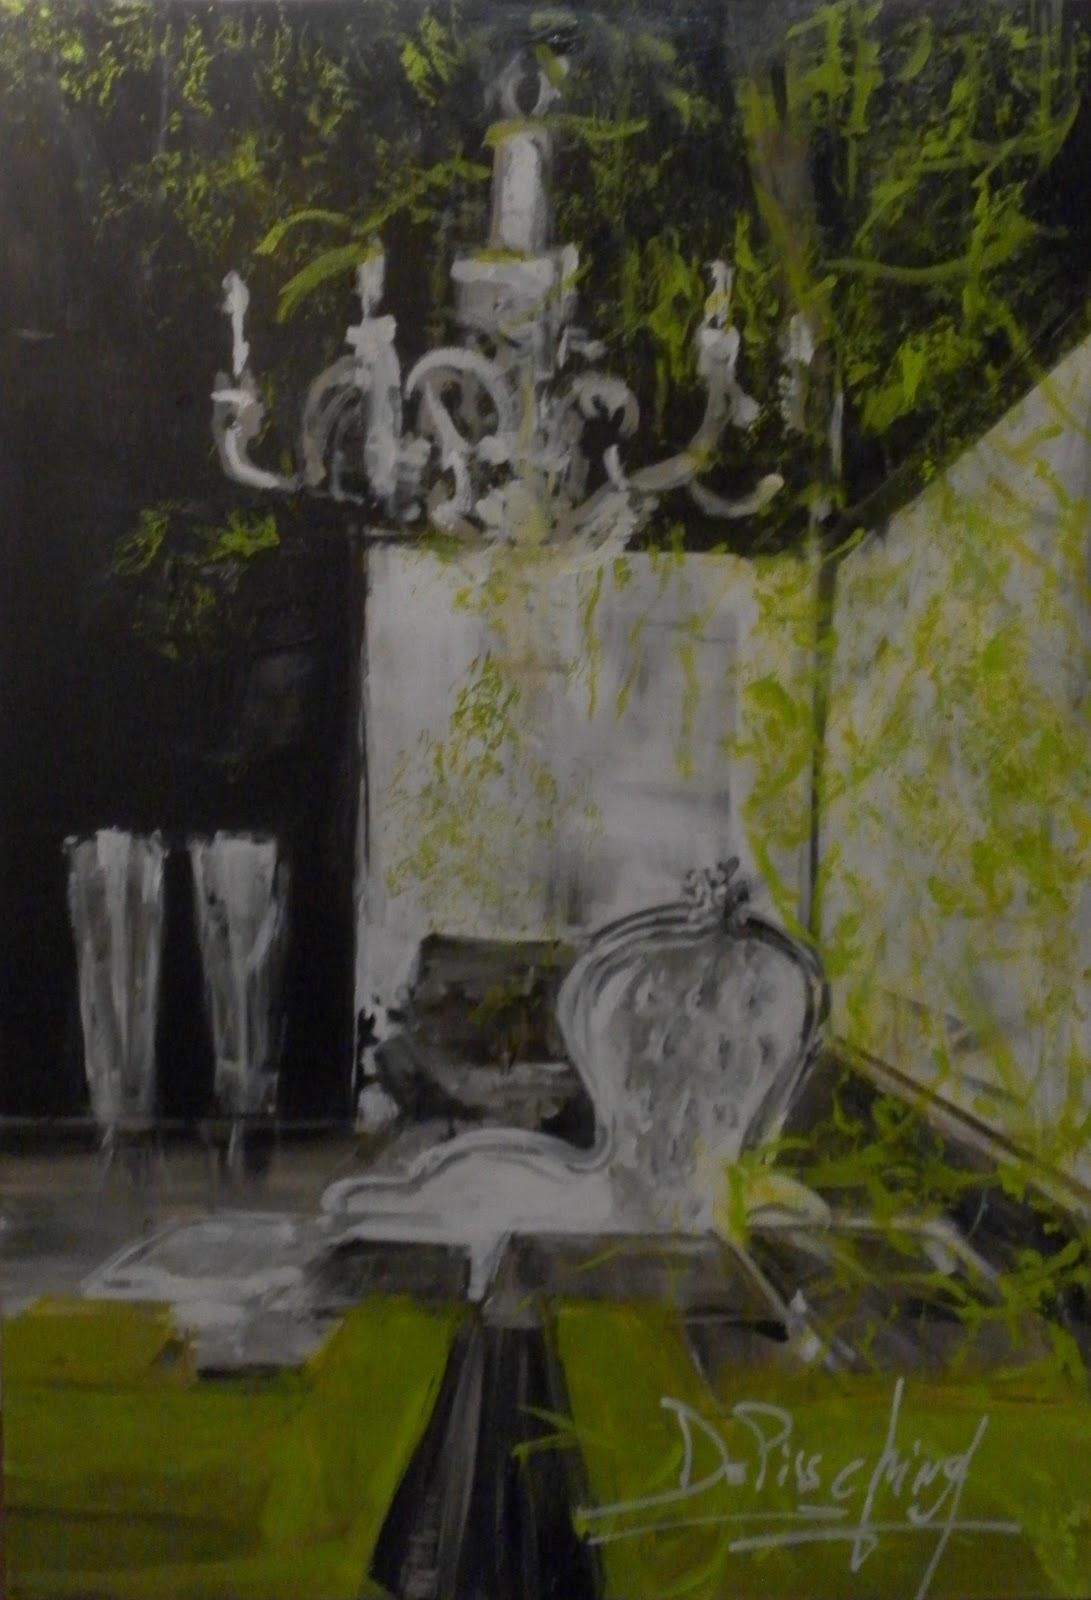 Daliss Chine Artiste peintre: Tableaux d\'intérieur